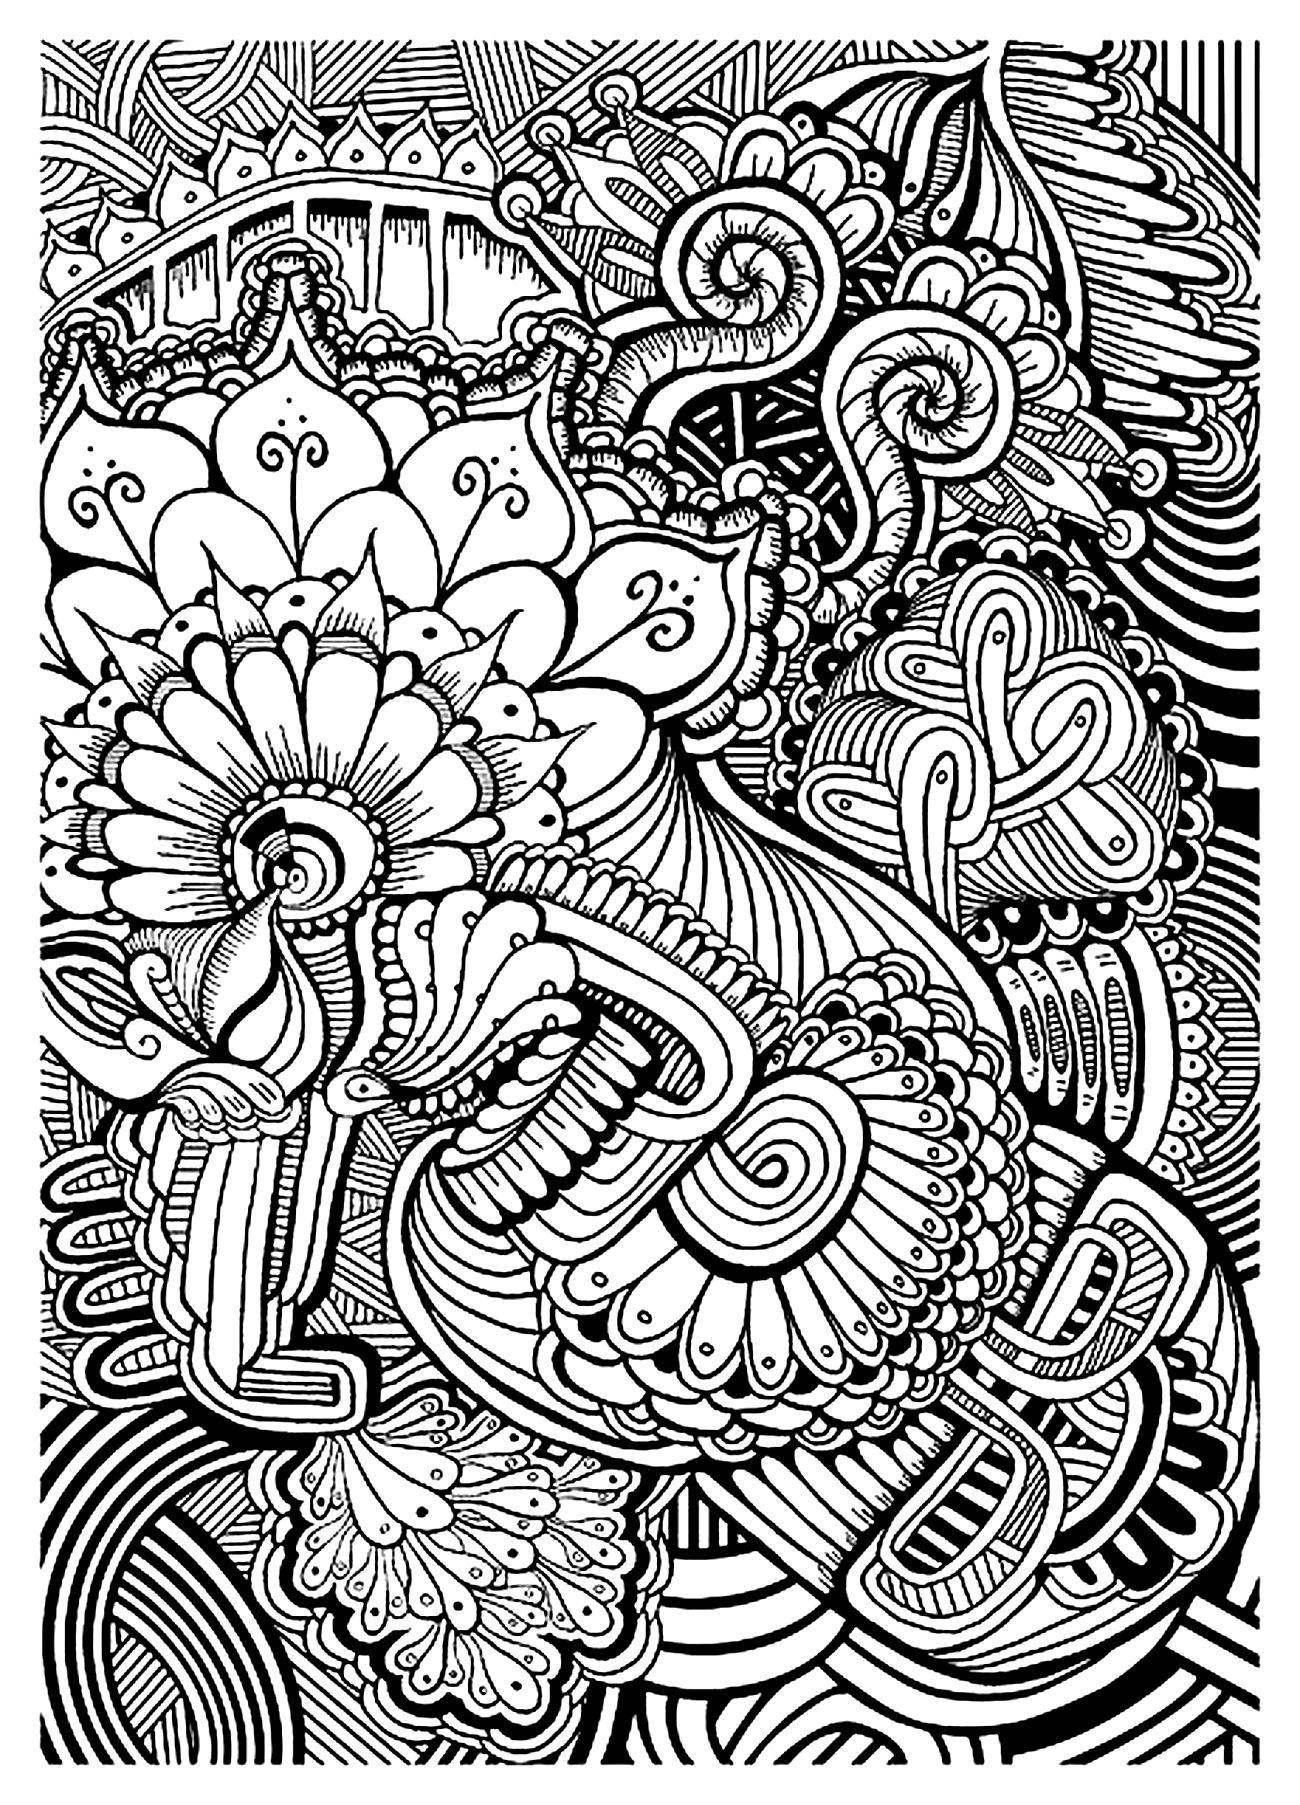 1300x1805 Zen Anti Stress Relax To Print